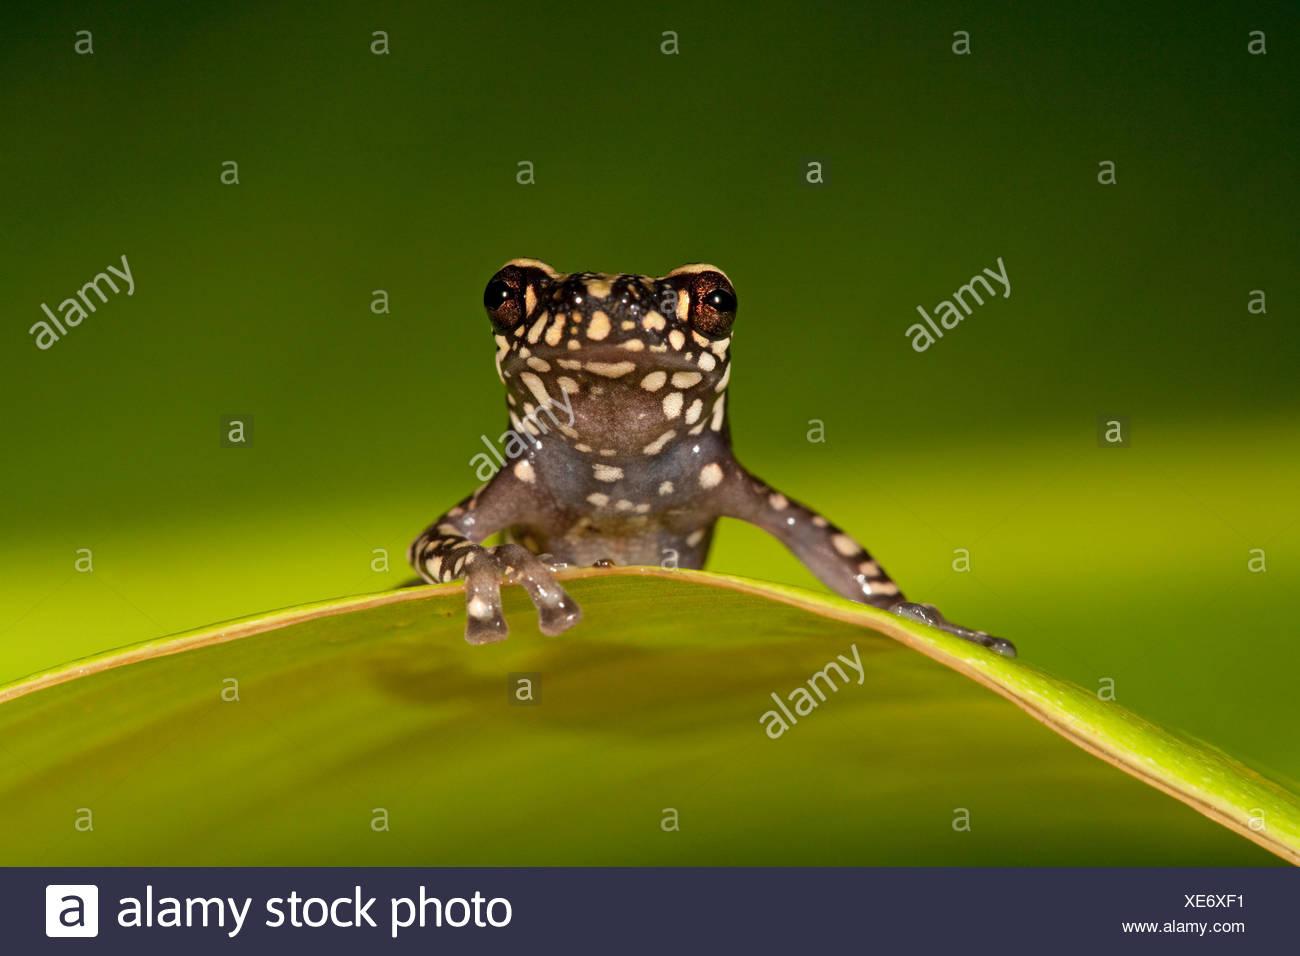 Foto di una collina Tukeit rana in appoggio su una foglia verde contro uno sfondo verde Immagini Stock